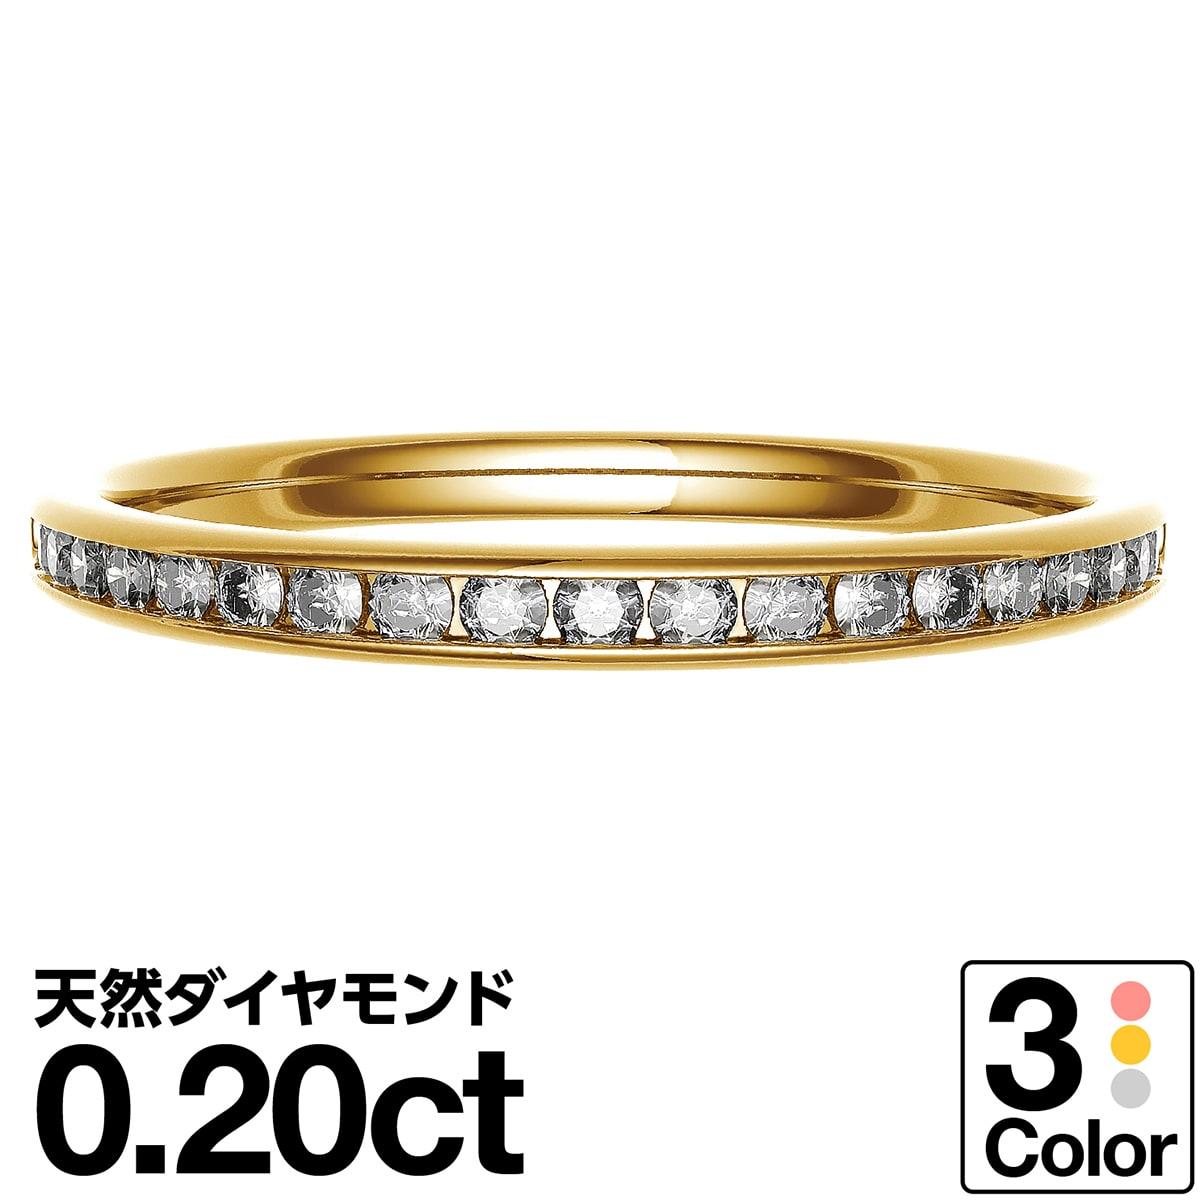 【送料無料】 エタニティ リング ダイヤモンド k18 イエローゴールド/ホワイトゴールド/ピンクゴールド ファッションリング 品質保証書 金属アレルギー 日本製 誕生日 ギフト